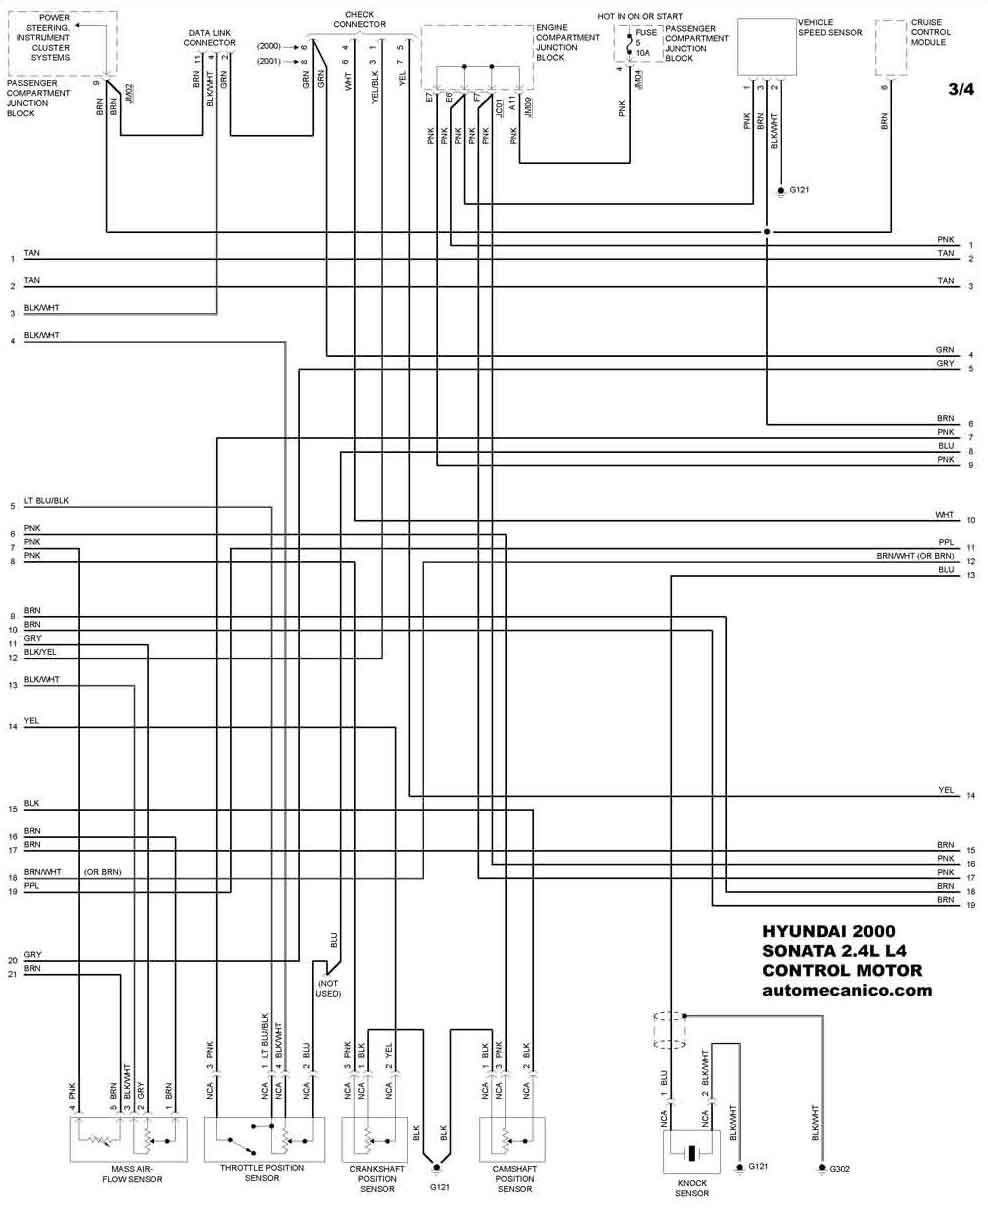 hyundai 2000 - diagramas control del motor